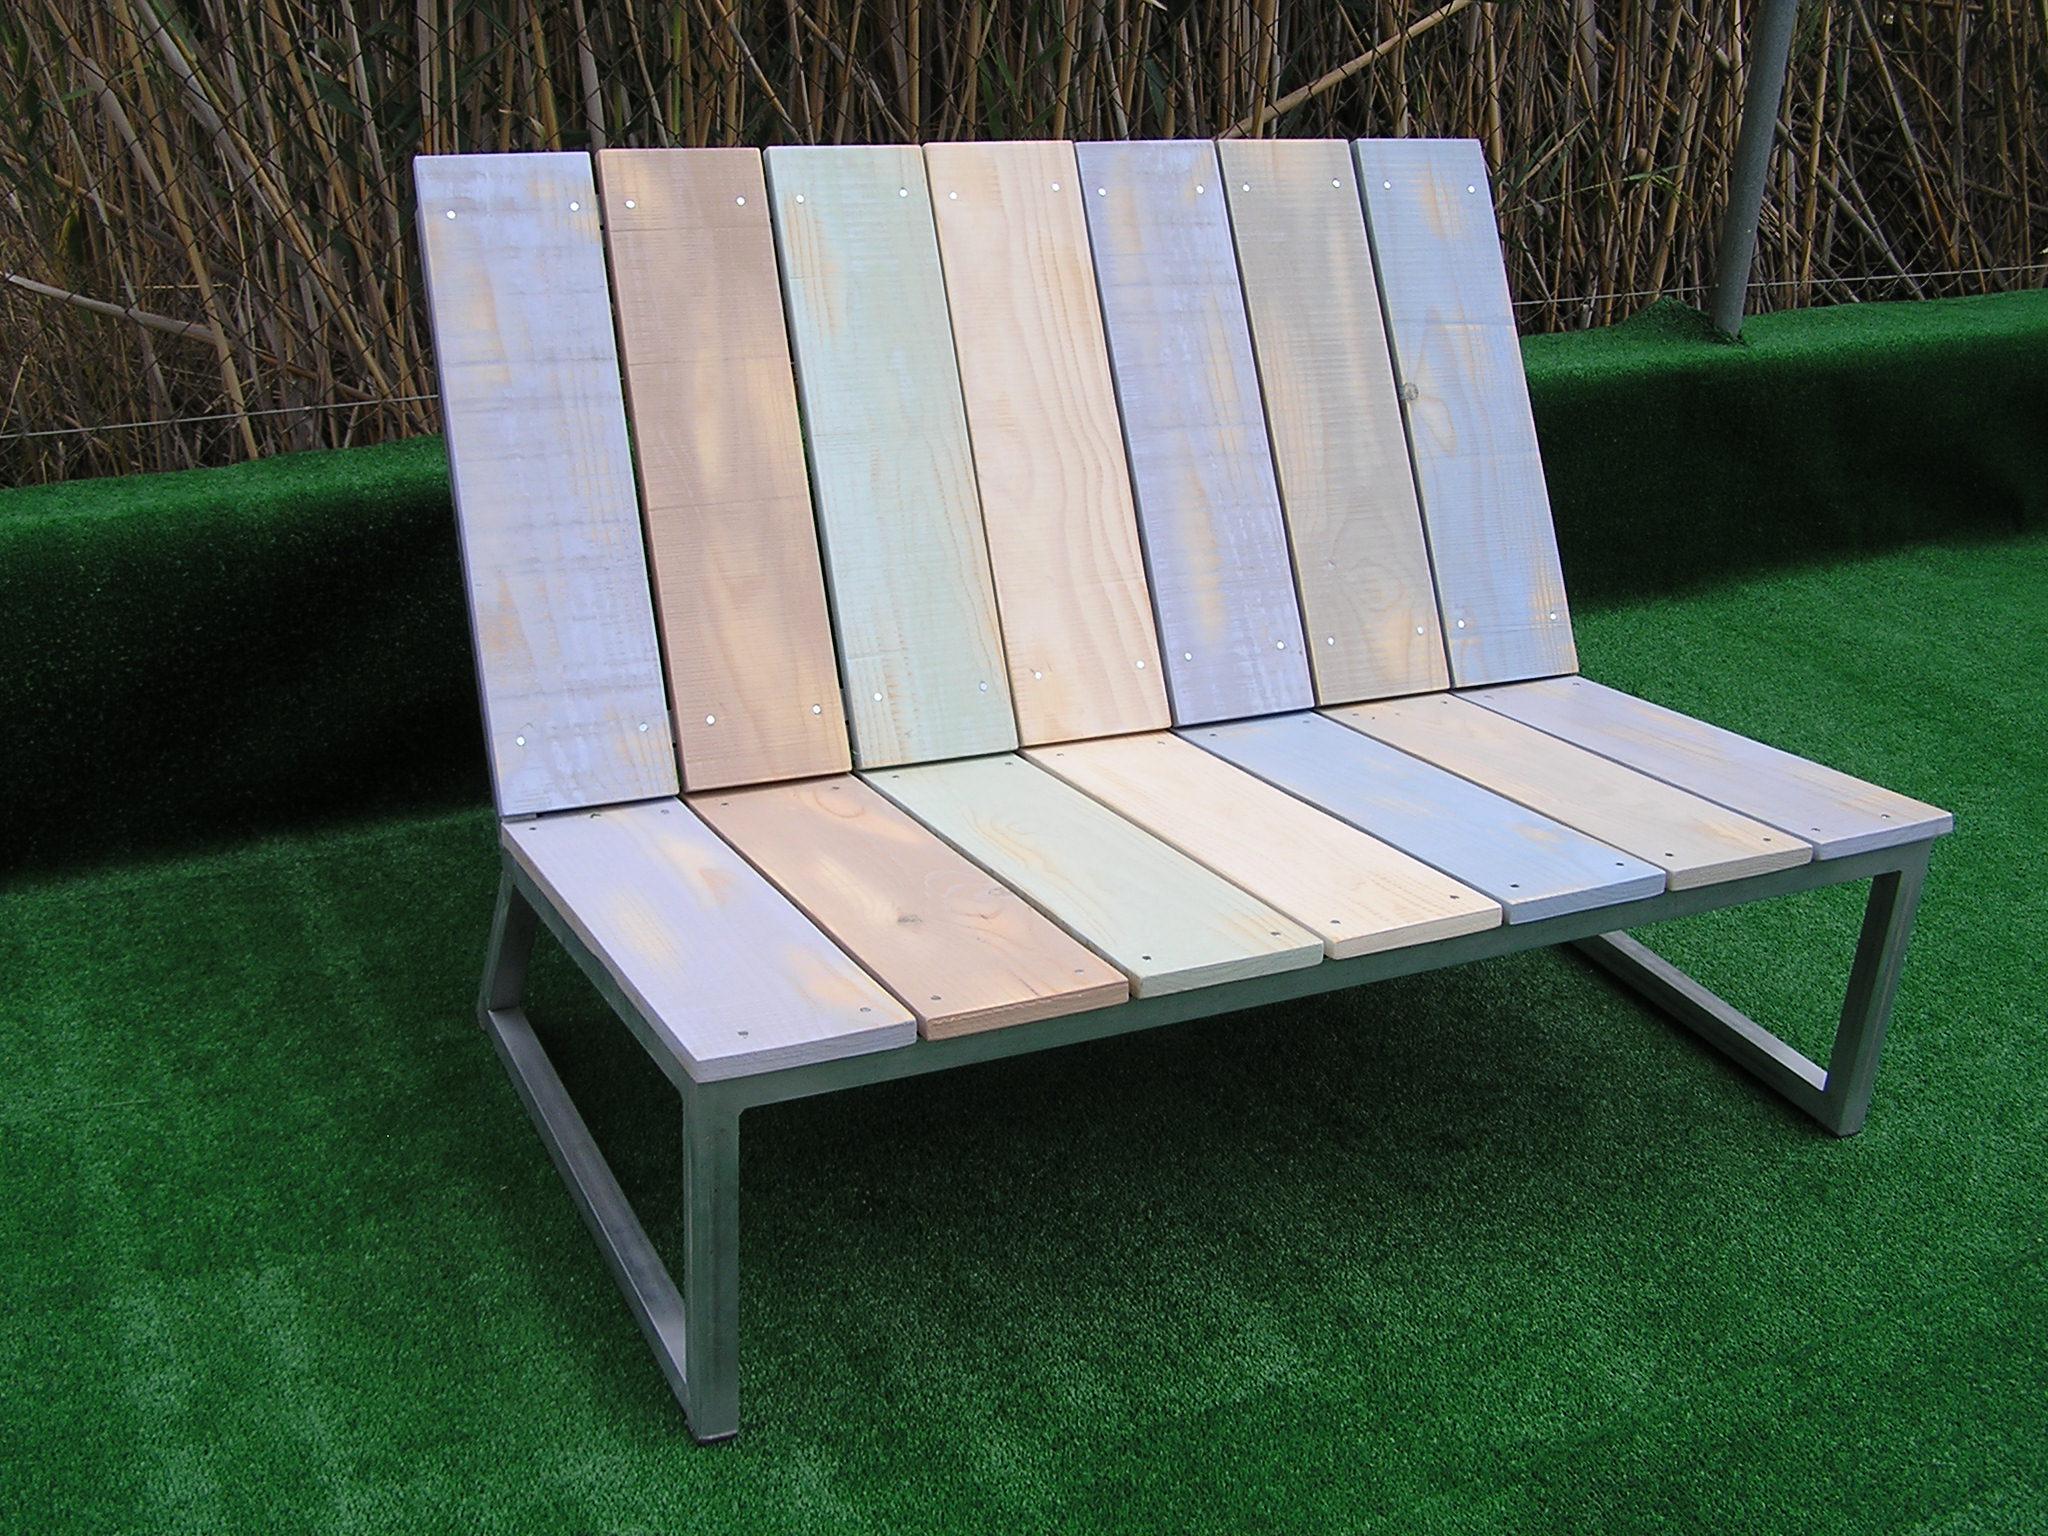 Sofá exterior Serie Básica 2 plazas. Mobiliario para terraza o jardín